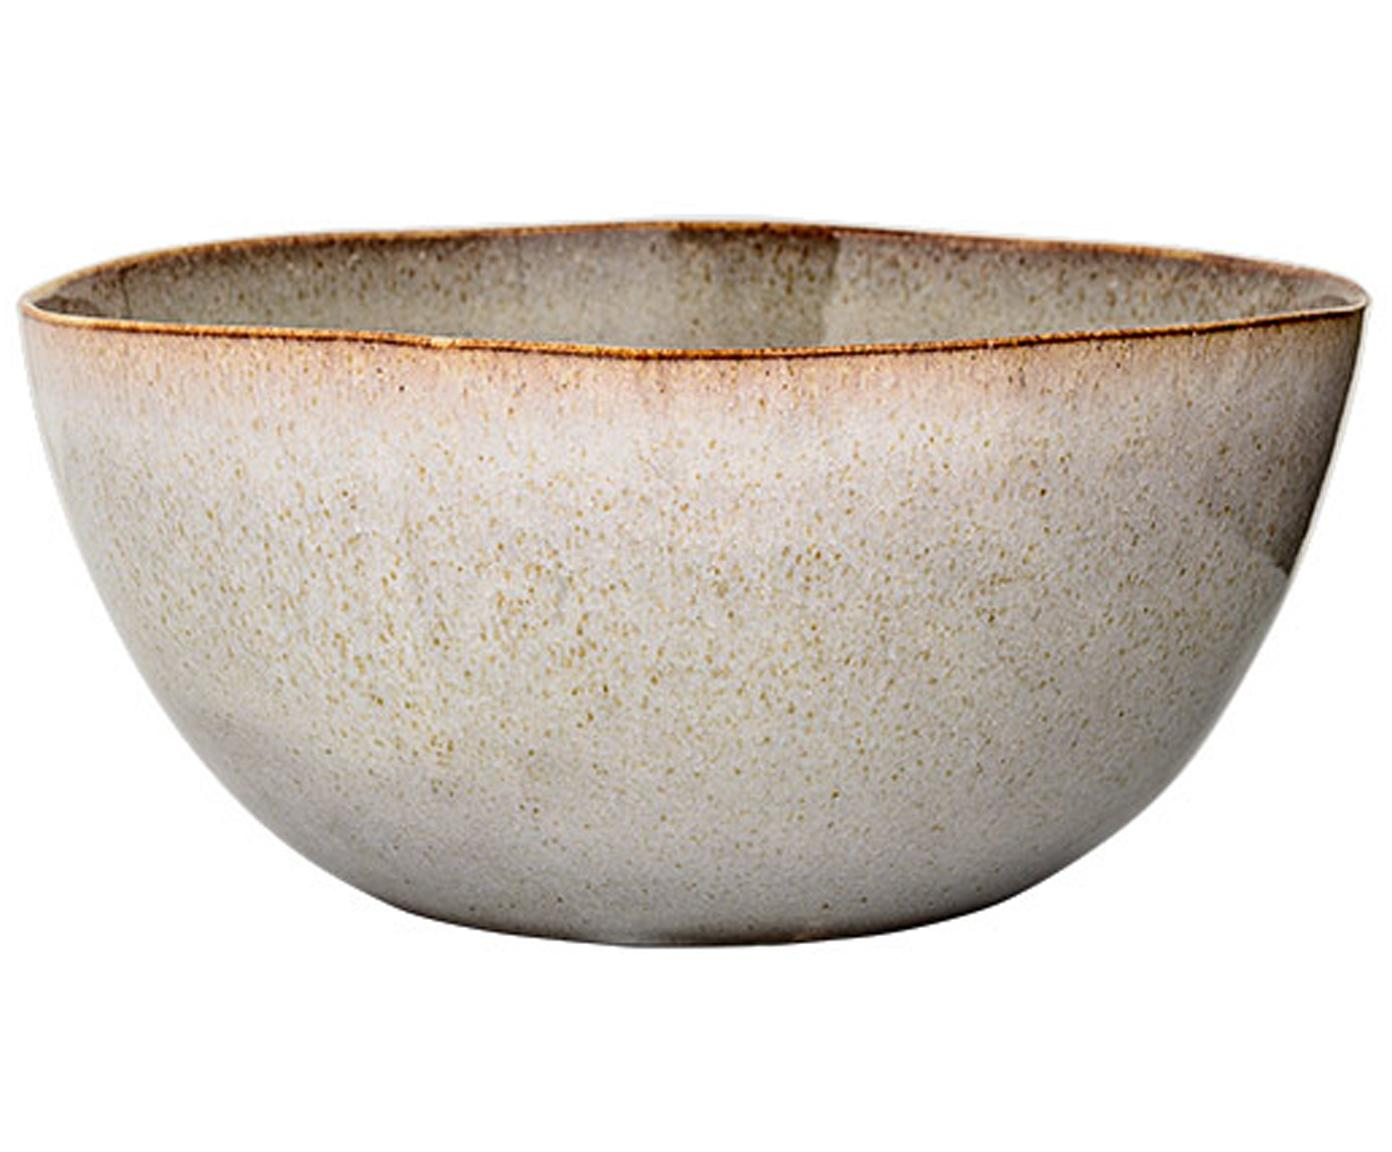 Ręcznie robiony półmisek Sandrine, Ceramika, Jasnoszary, Ø 26 x 17 cm